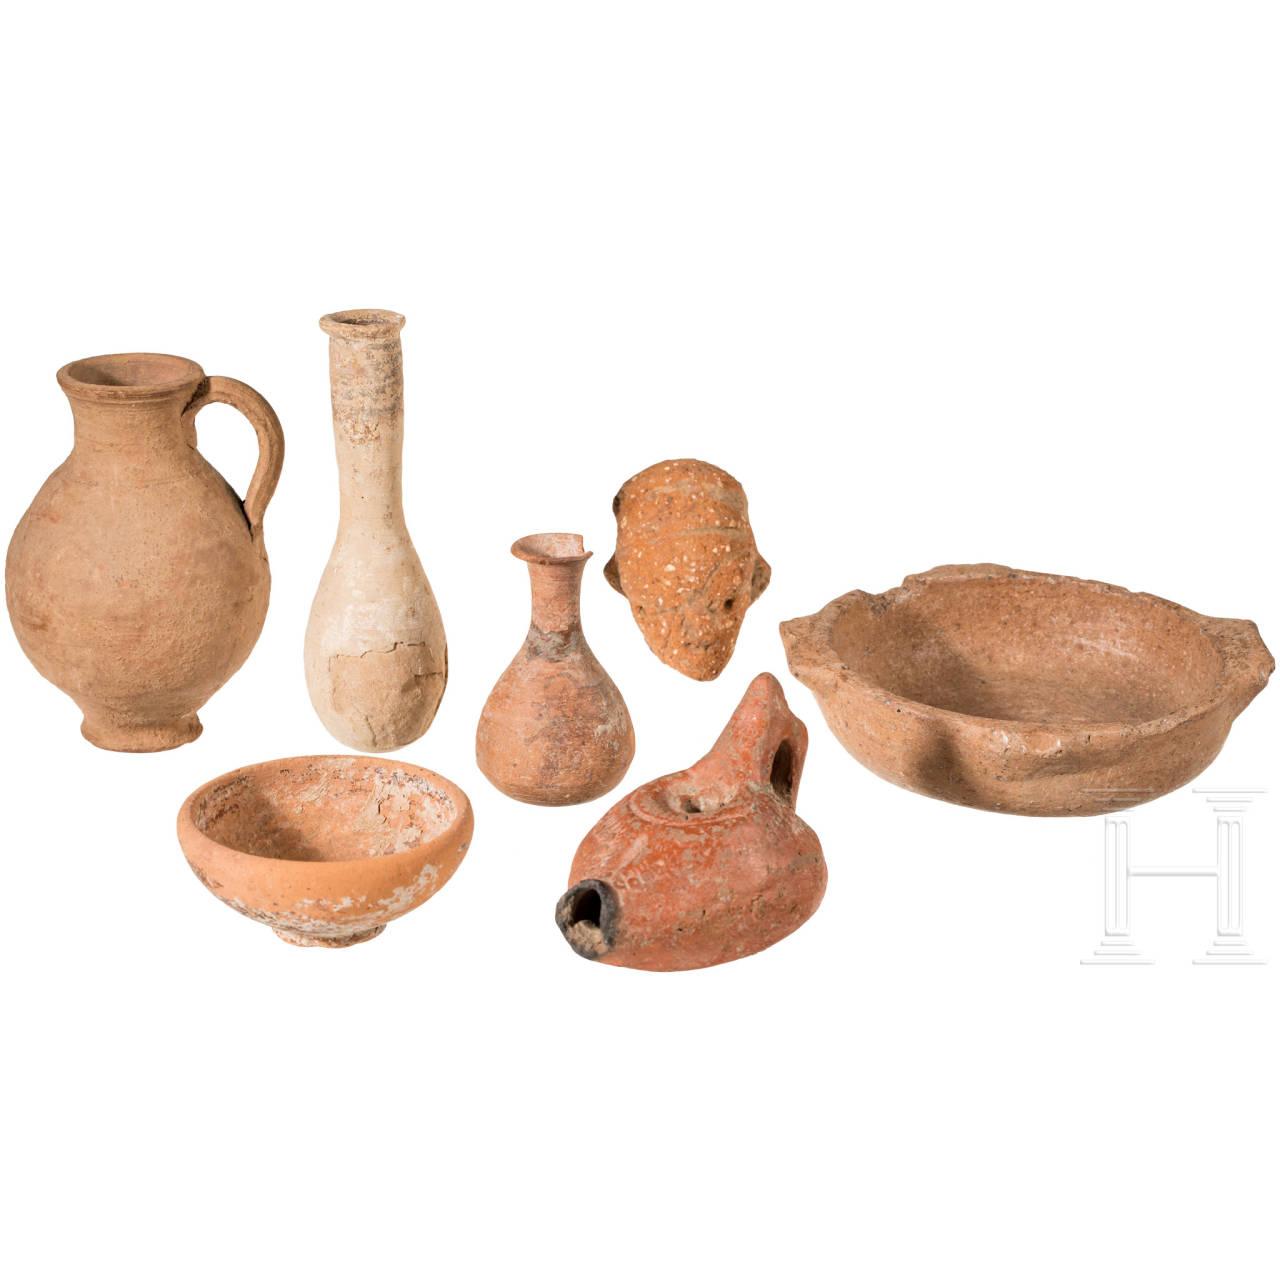 Fünf kleine antike Tongefäße, eine Öllampe und ein Nok-Kopf